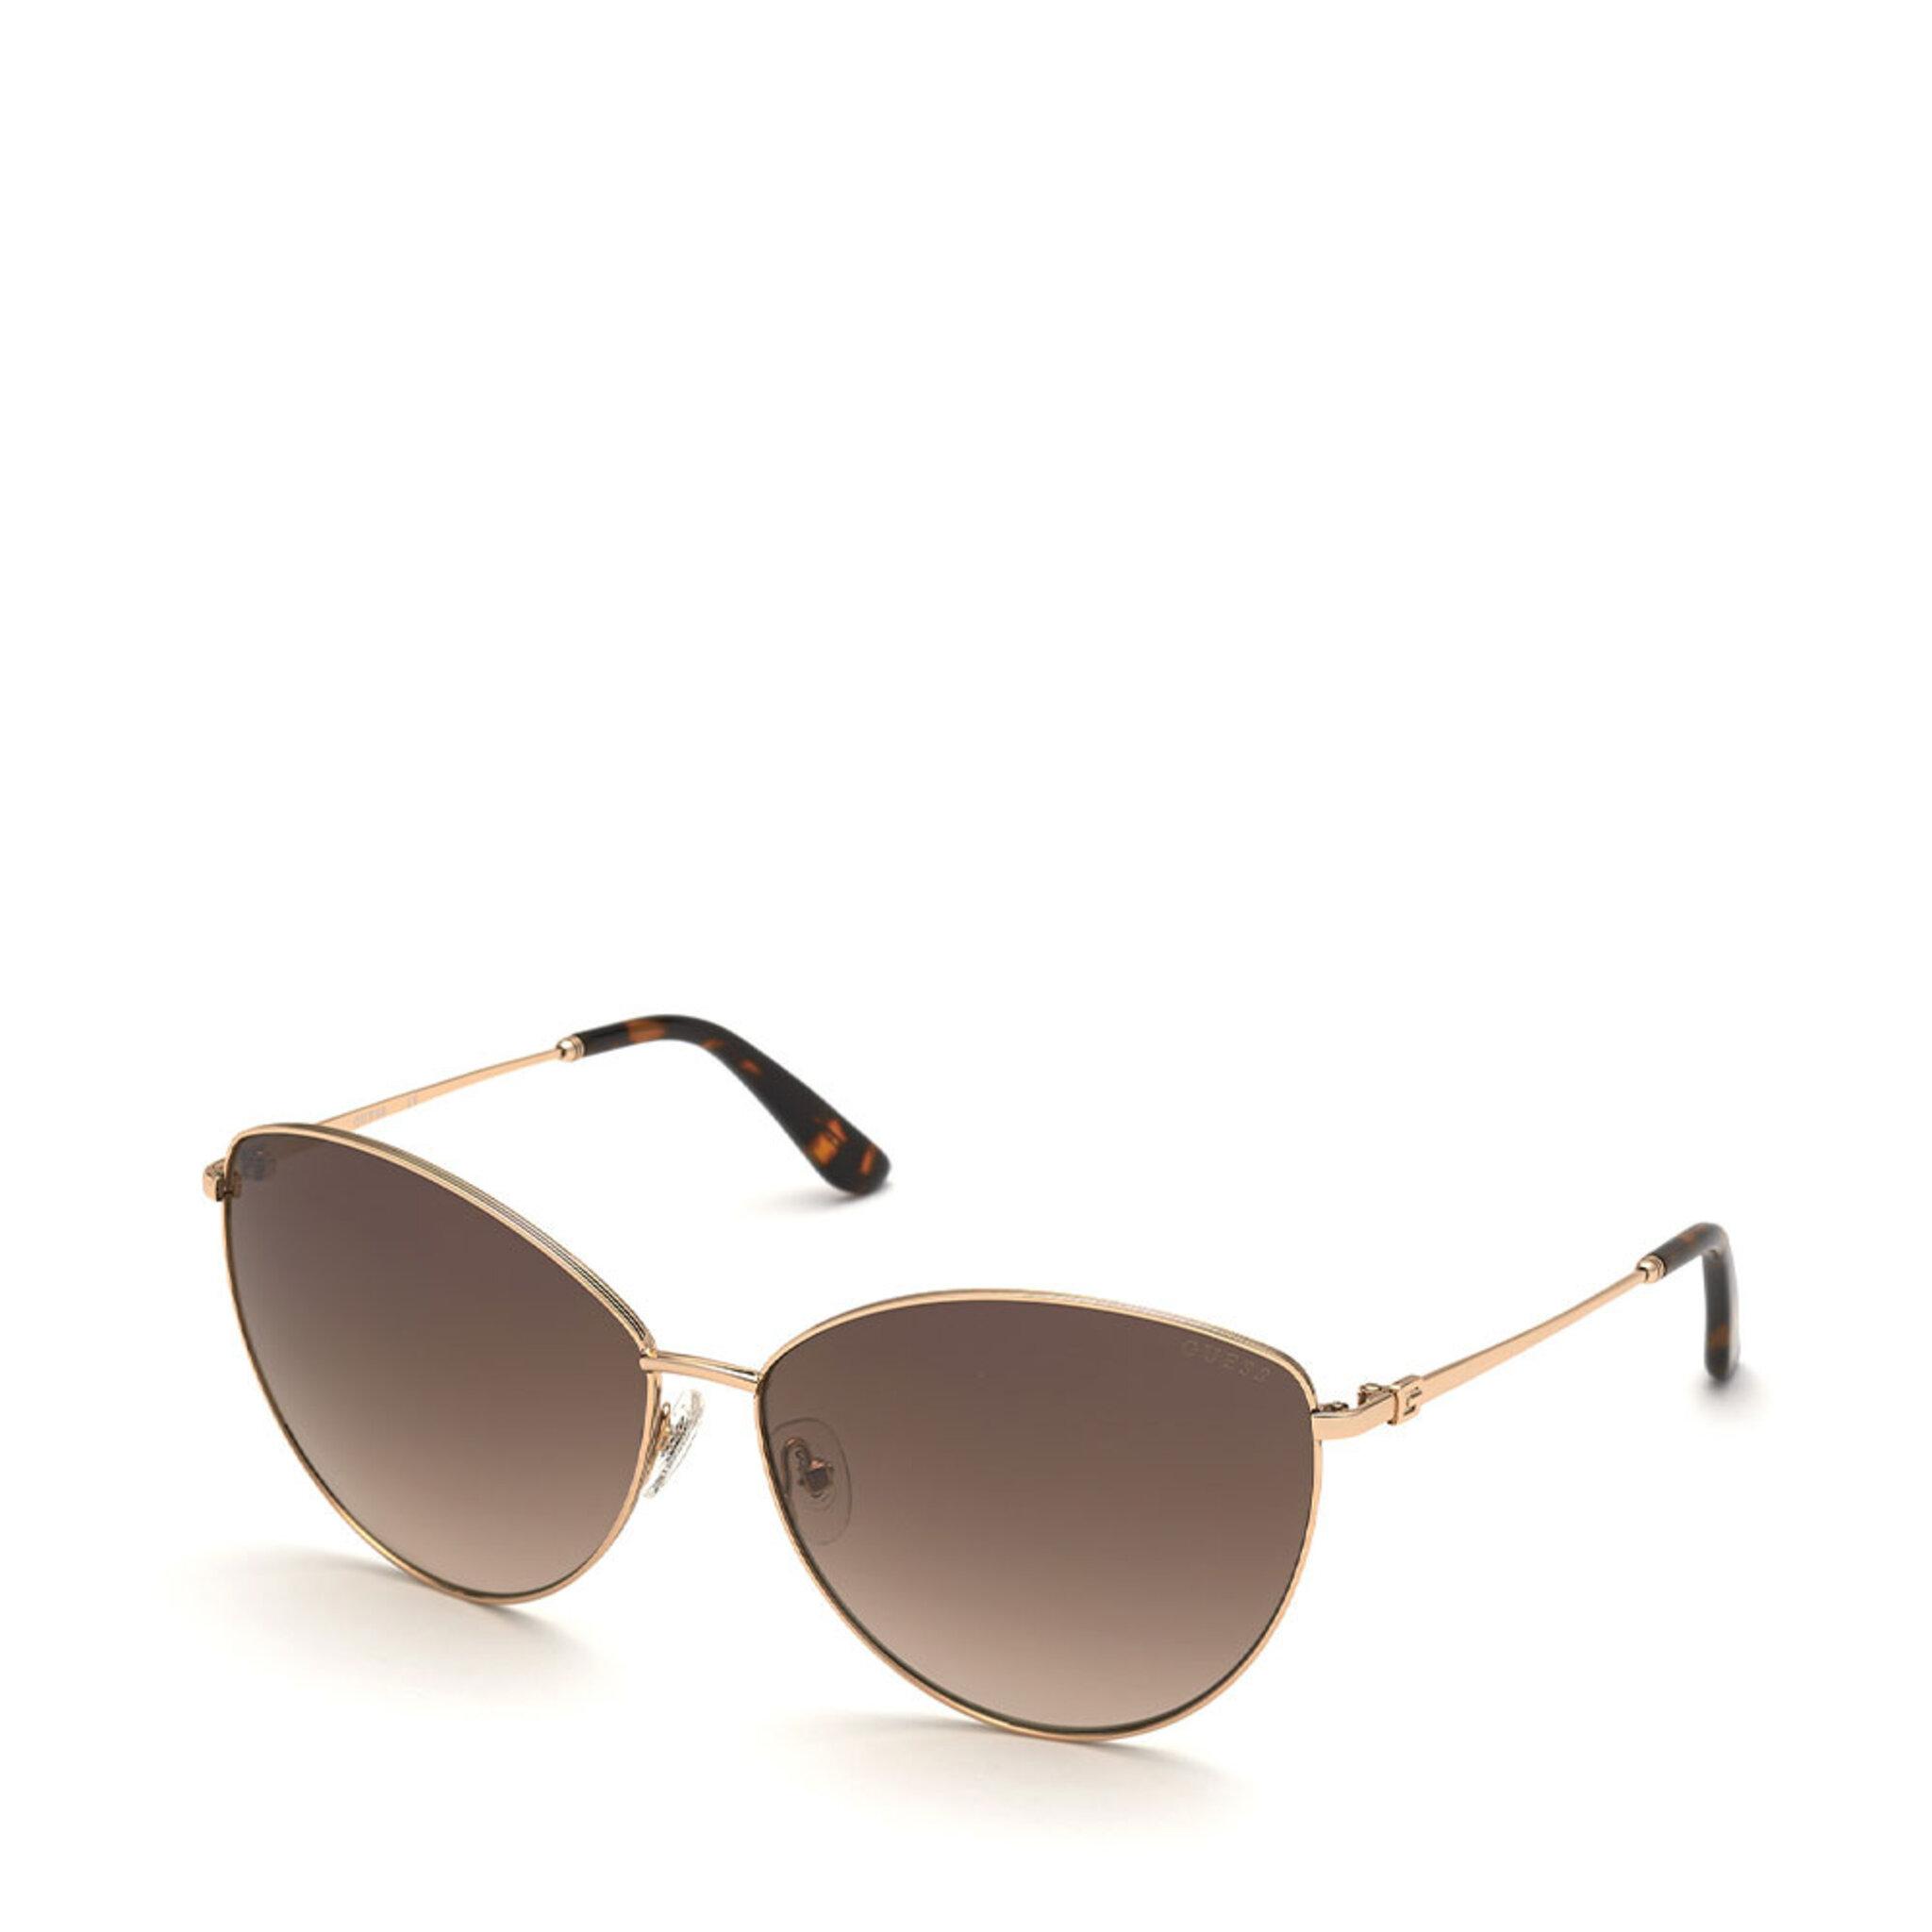 Sunglasses GU7746